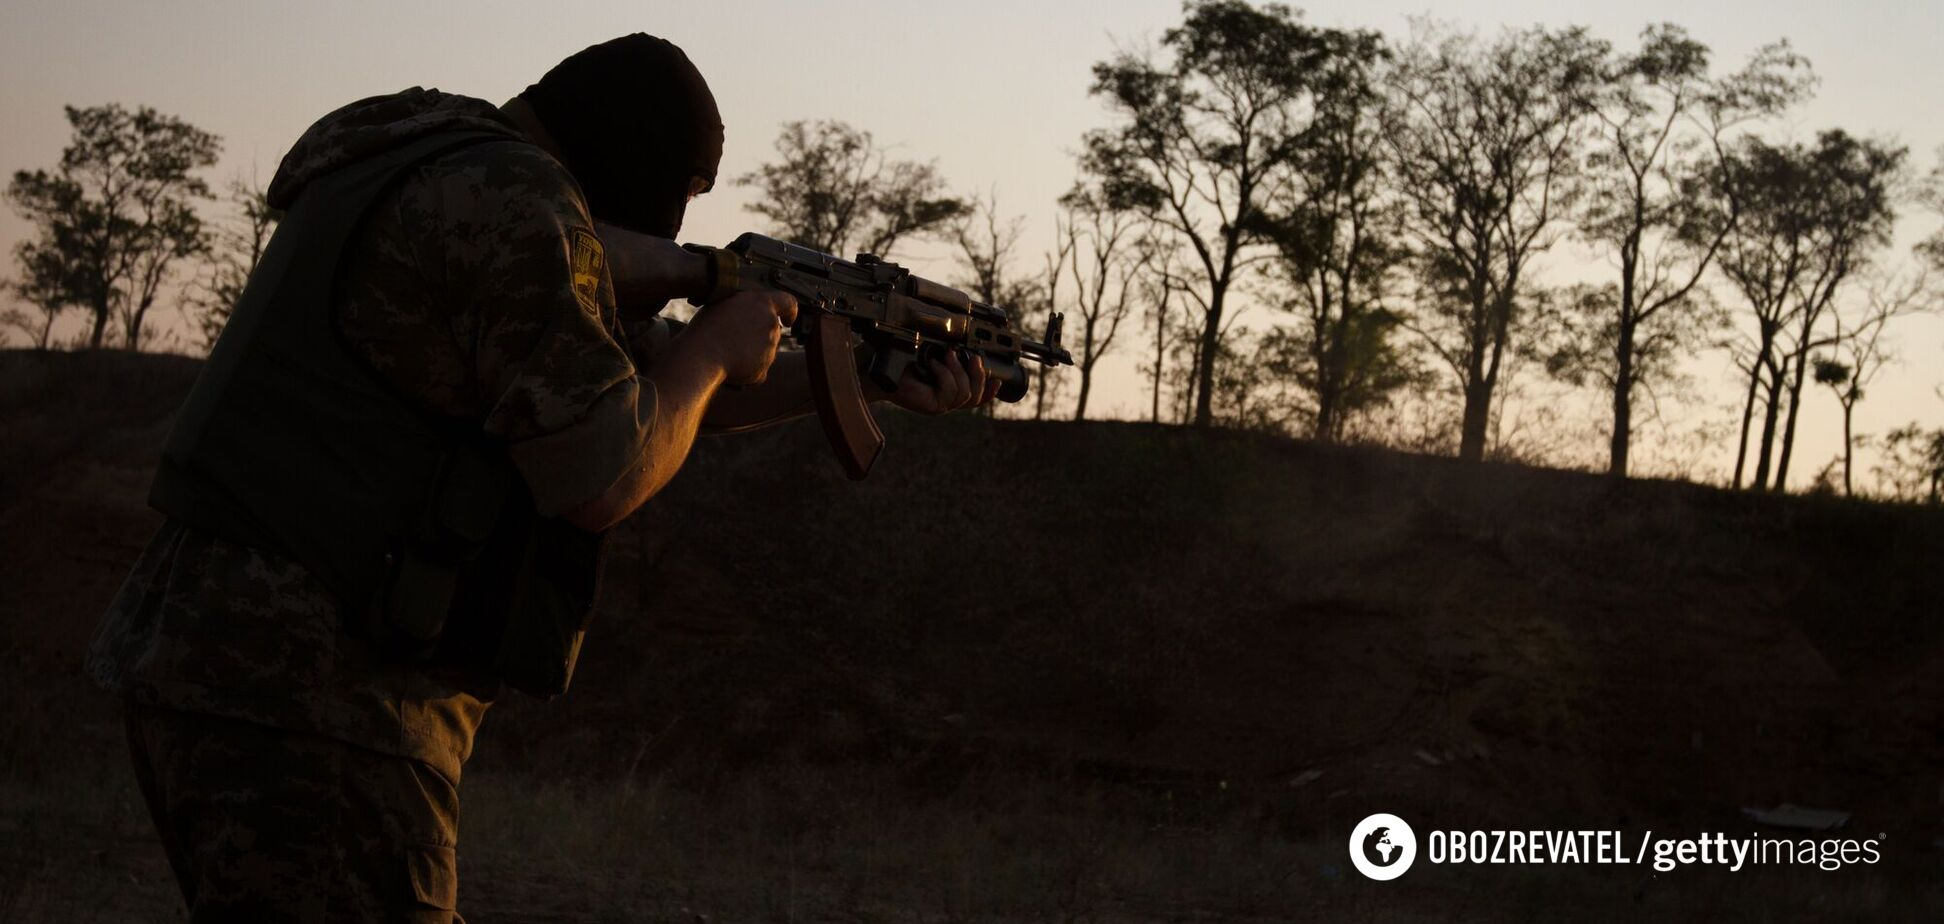 Окупанти застосували проти ЗСУ гранатомети та запускали безпілотник – зведення ООС